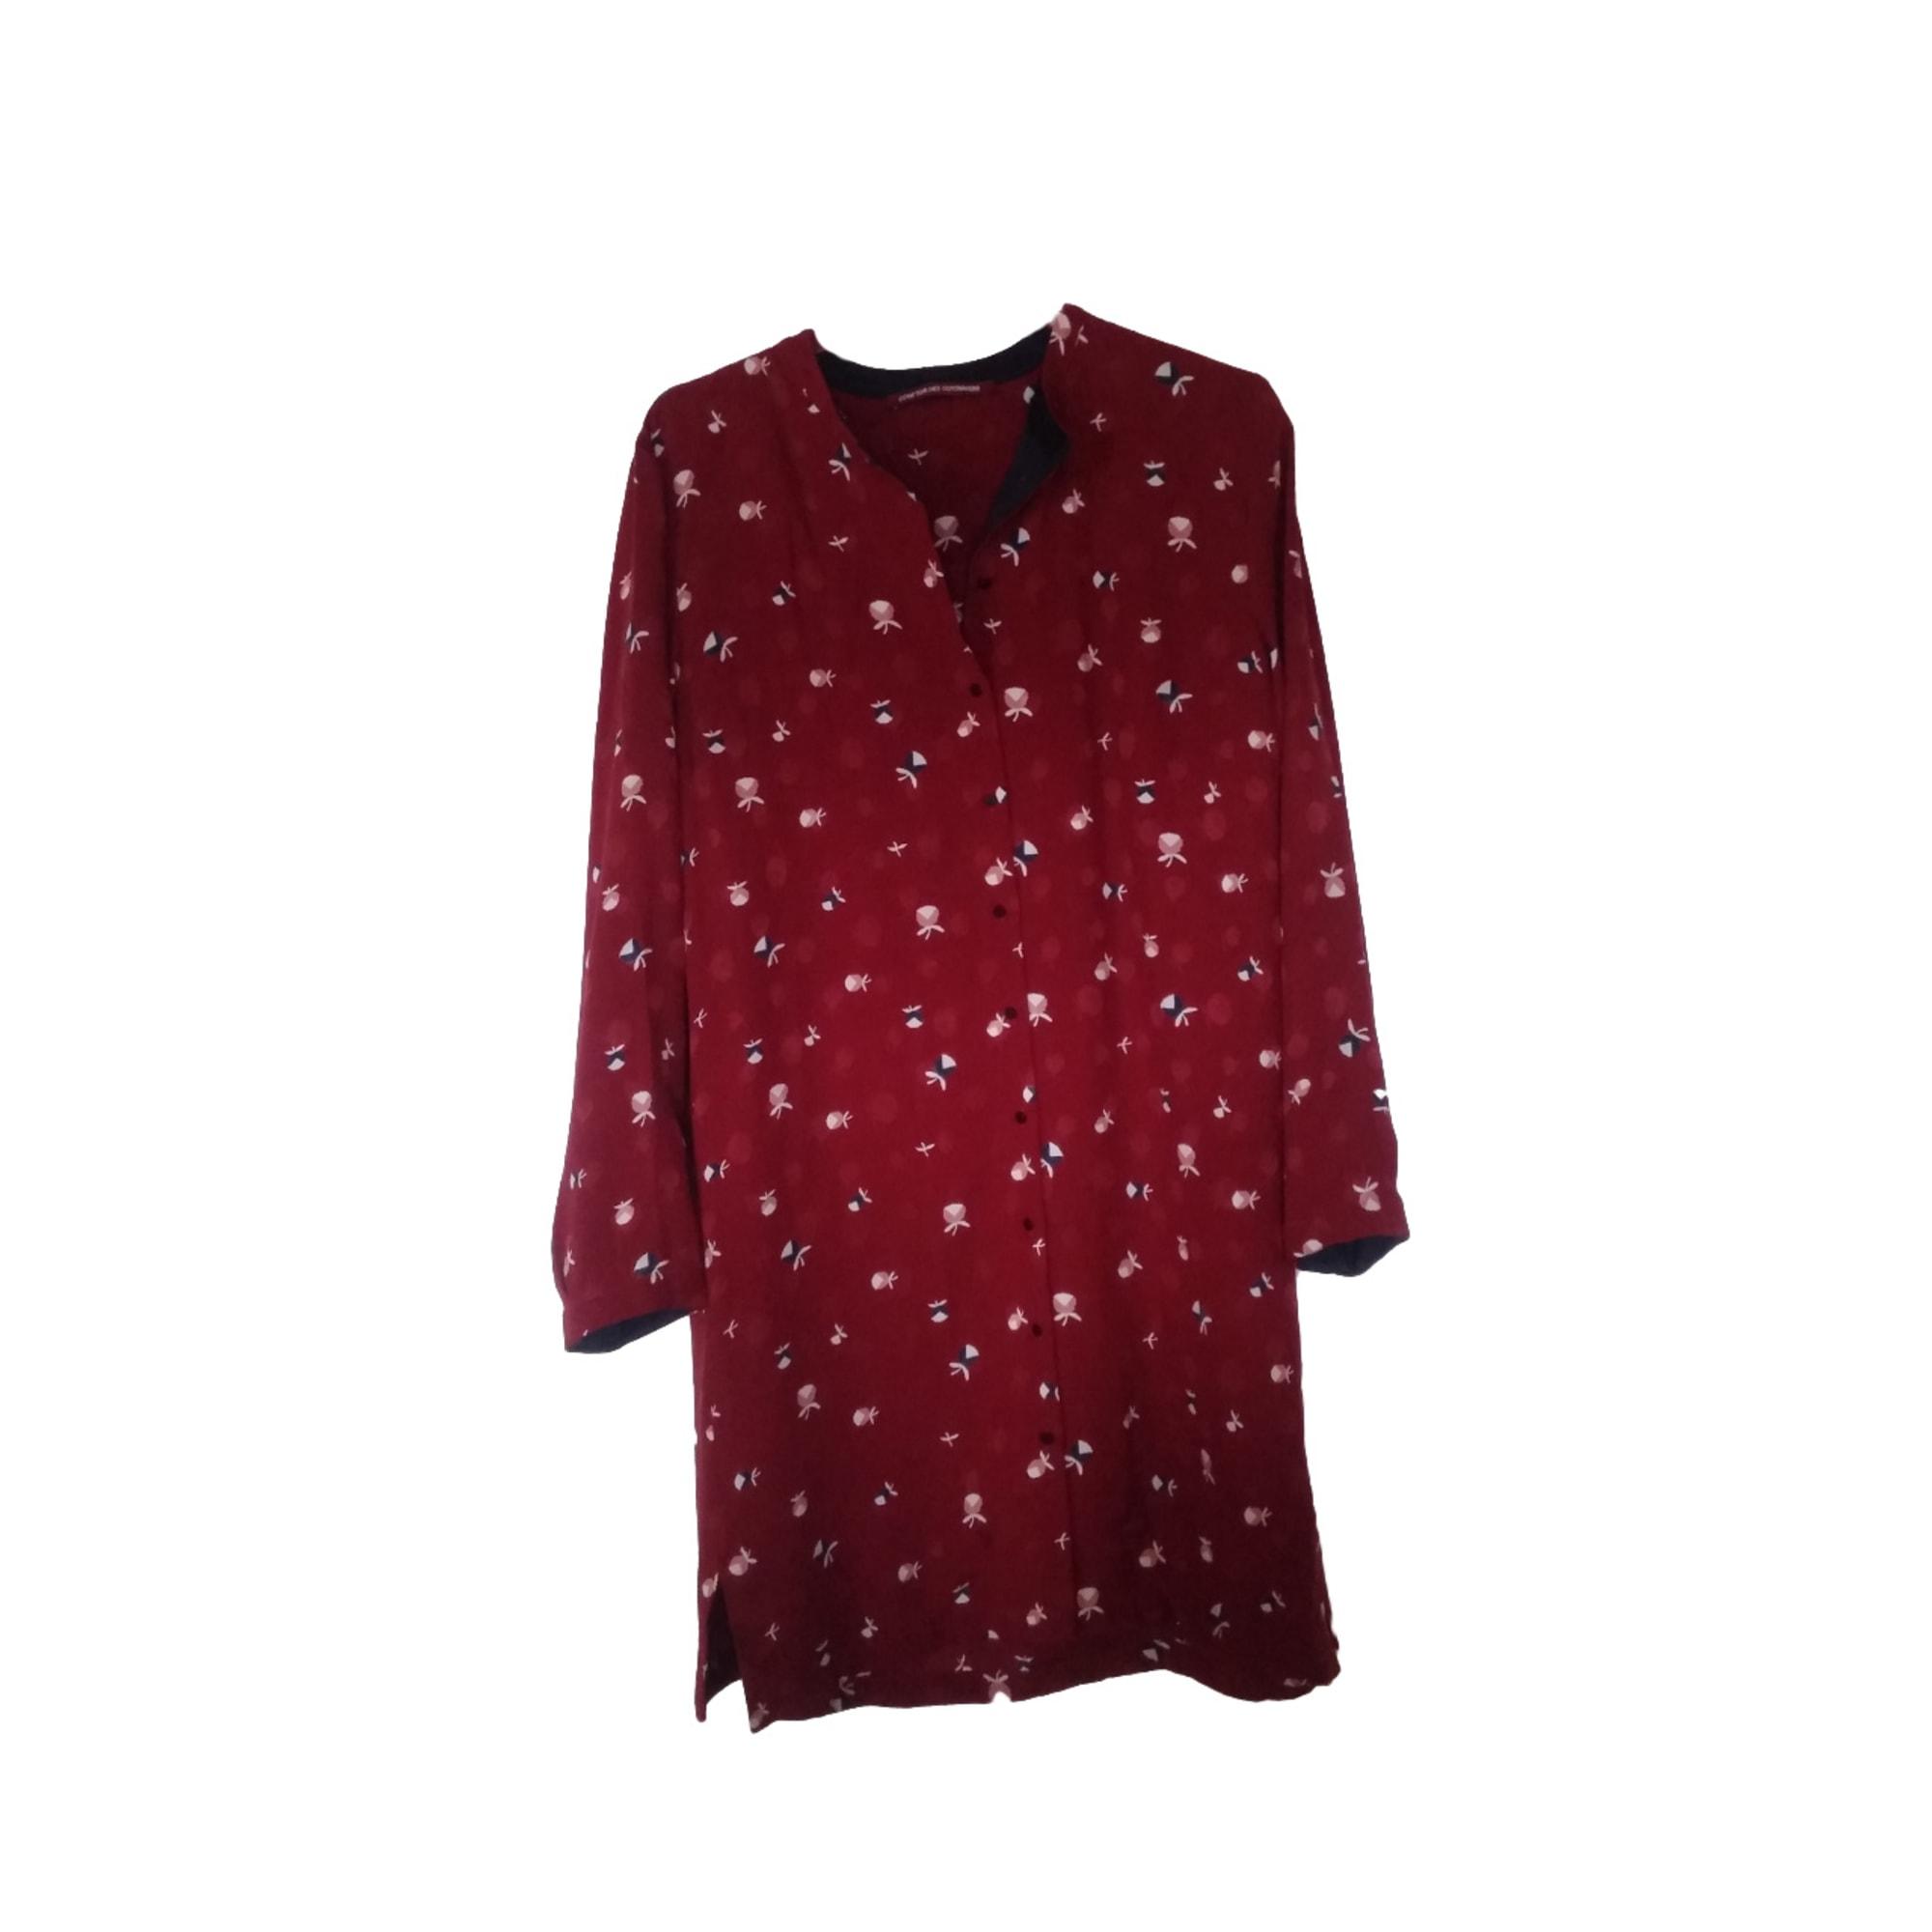 Robe tunique comptoir des cotonniers 38 m t2 rouge vendu par marie 25574 7371214 - Tunique comptoir des cotonniers ...